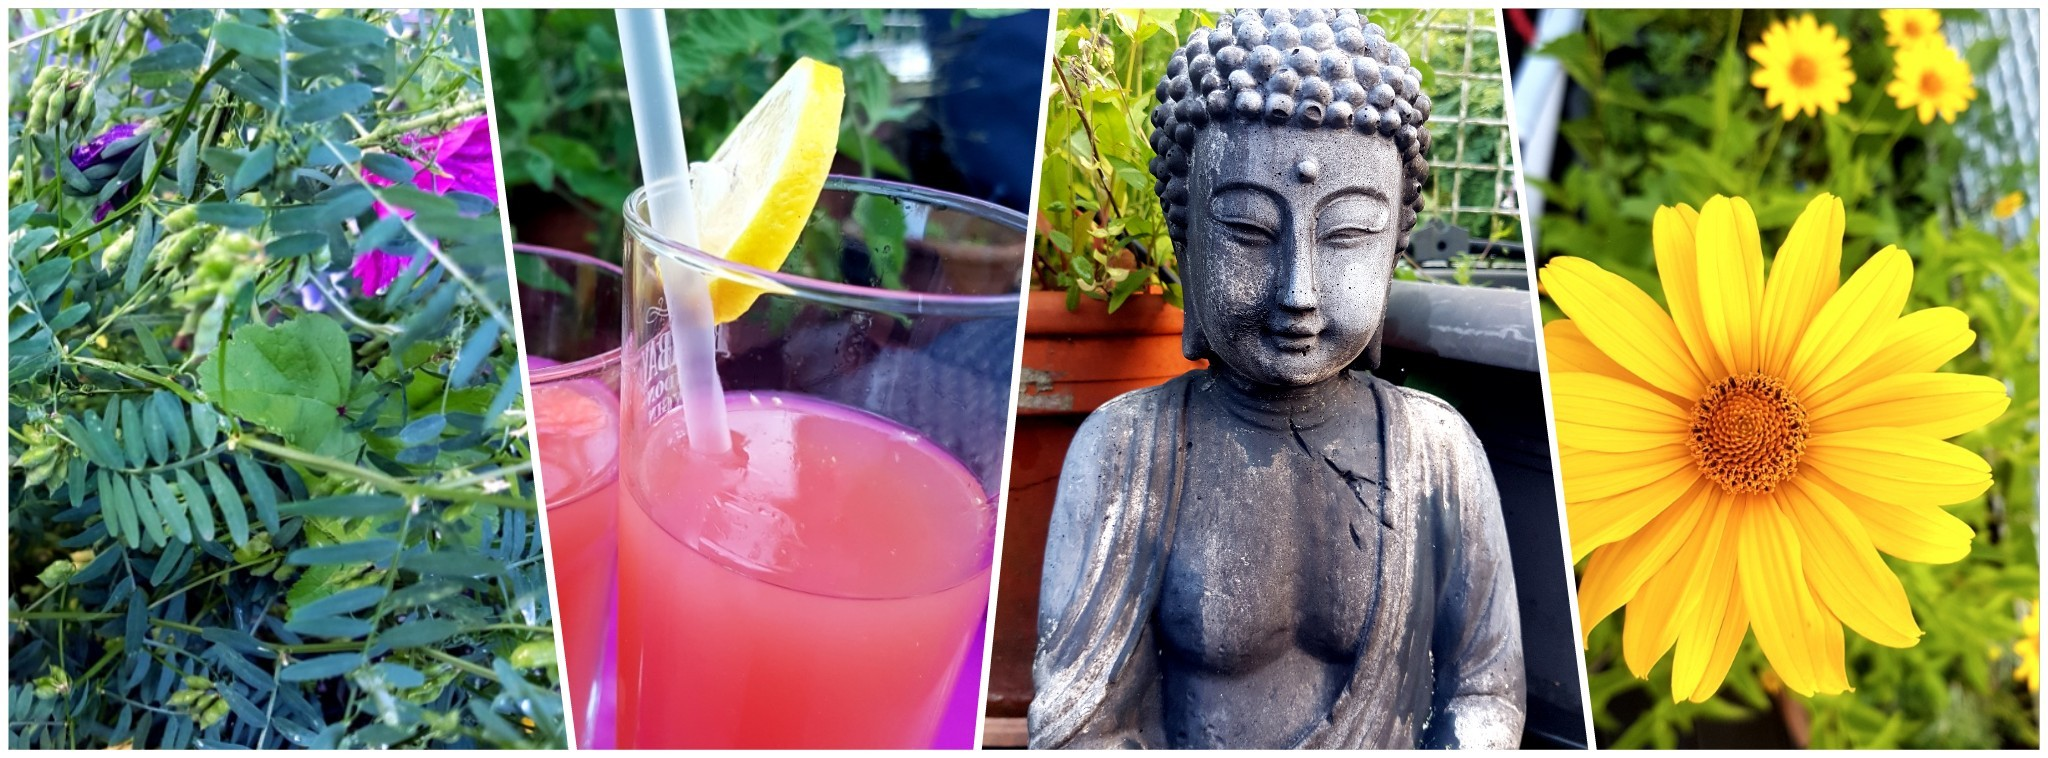 Sommergefühle mit selbst zubereiteter Limonade